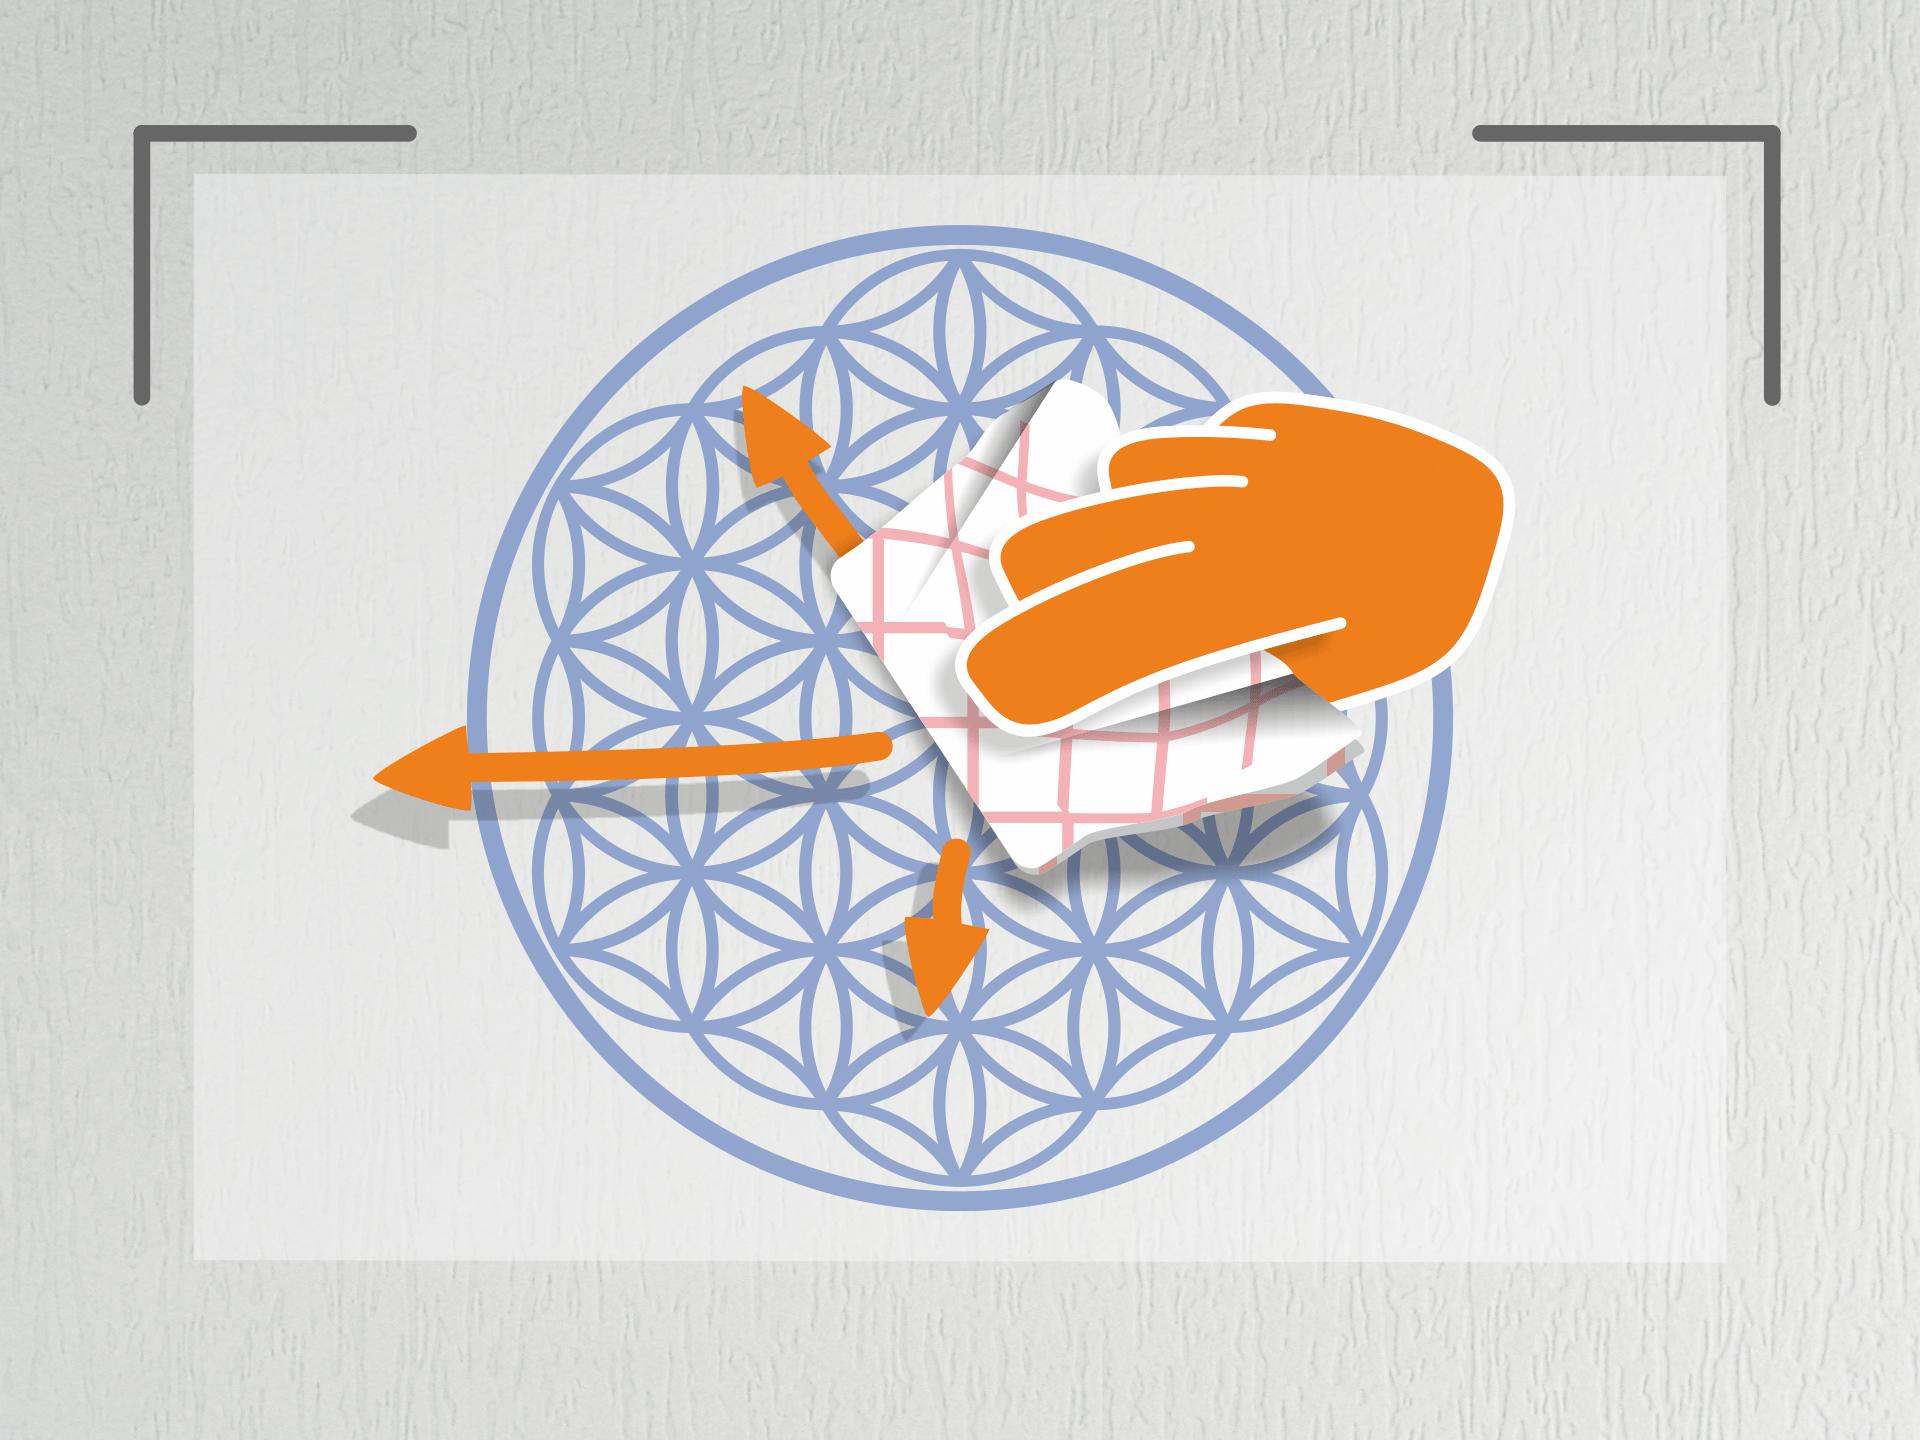 Jetzt den Aufkleber sehr straff halten und an den Markierungen auf der Wand anlegen. Nun das Geschirrtuch zu einem Ballen formen und den Aufkleber (von der Mitte aus) mehrfach andrücken. Bei glatten Wänden kannst Du auch den Rakel zum andrücken nehmen.